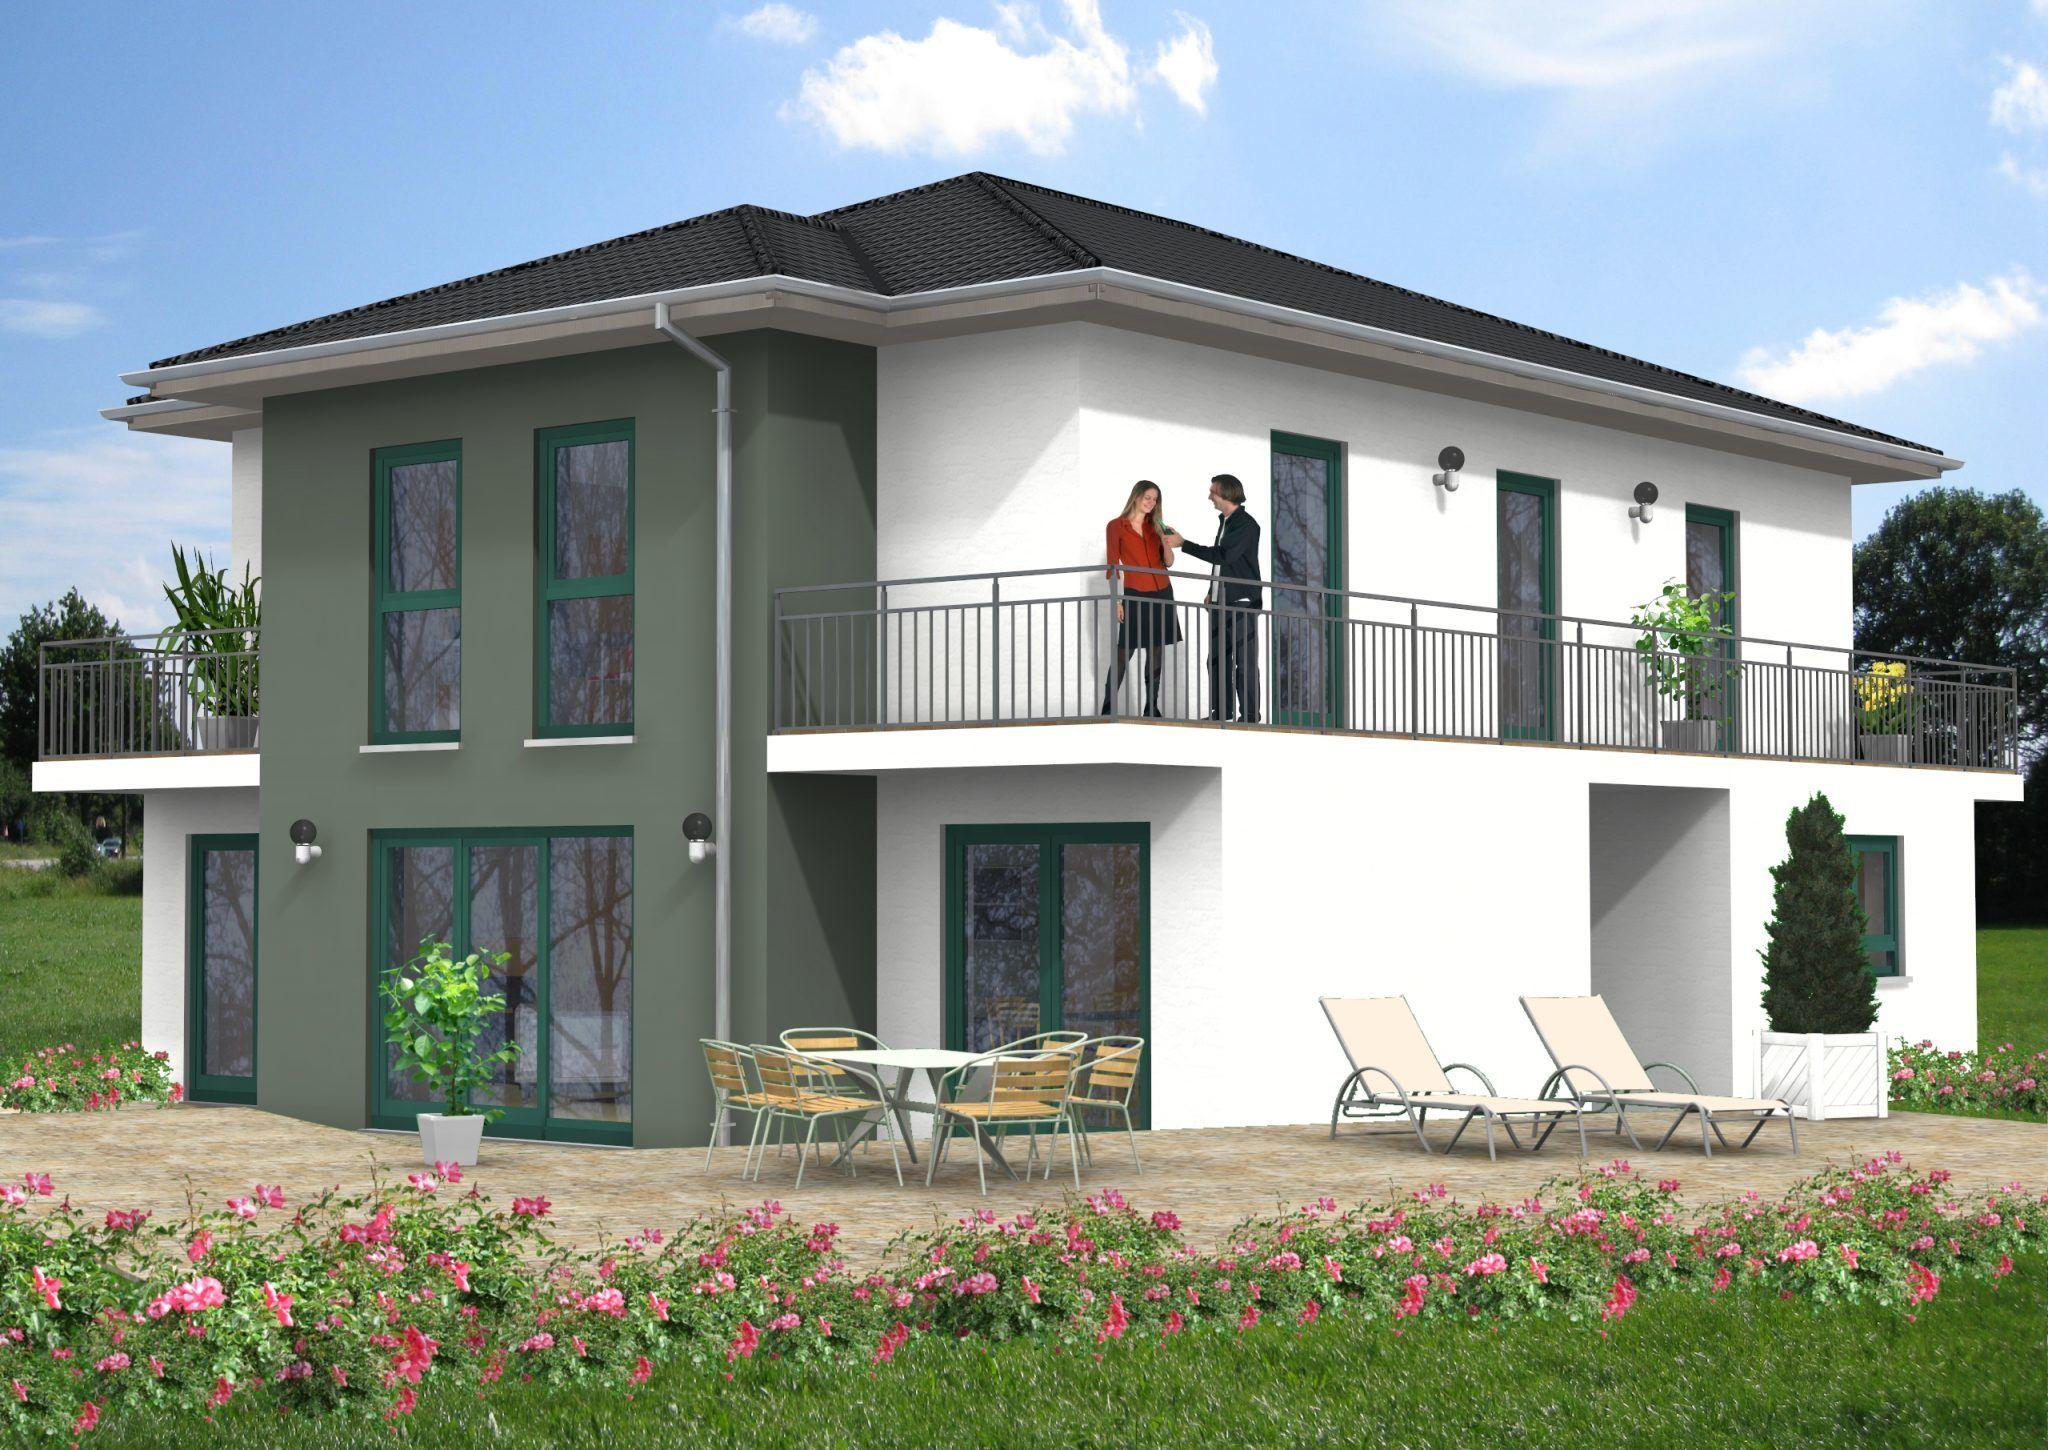 Unsere Haus-Idee mit ca. 221 m² Wohnfläche. Ein Walmdachhaus zum ...